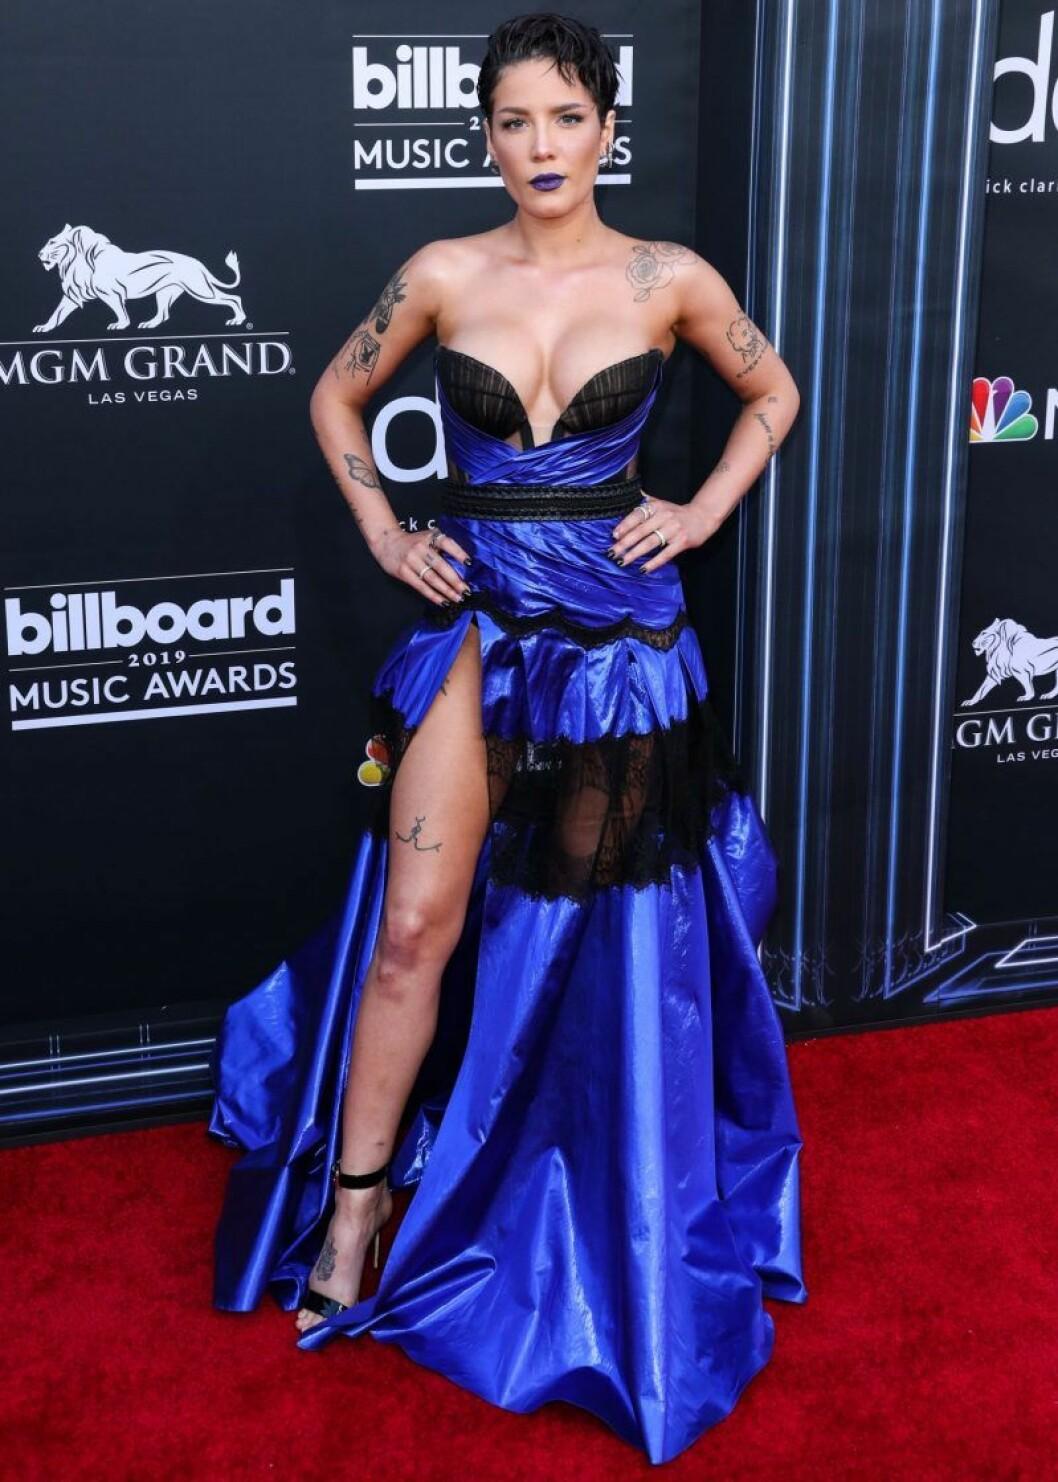 Halsey i en blå och svart klänning och kort svart hår och blått läppstift